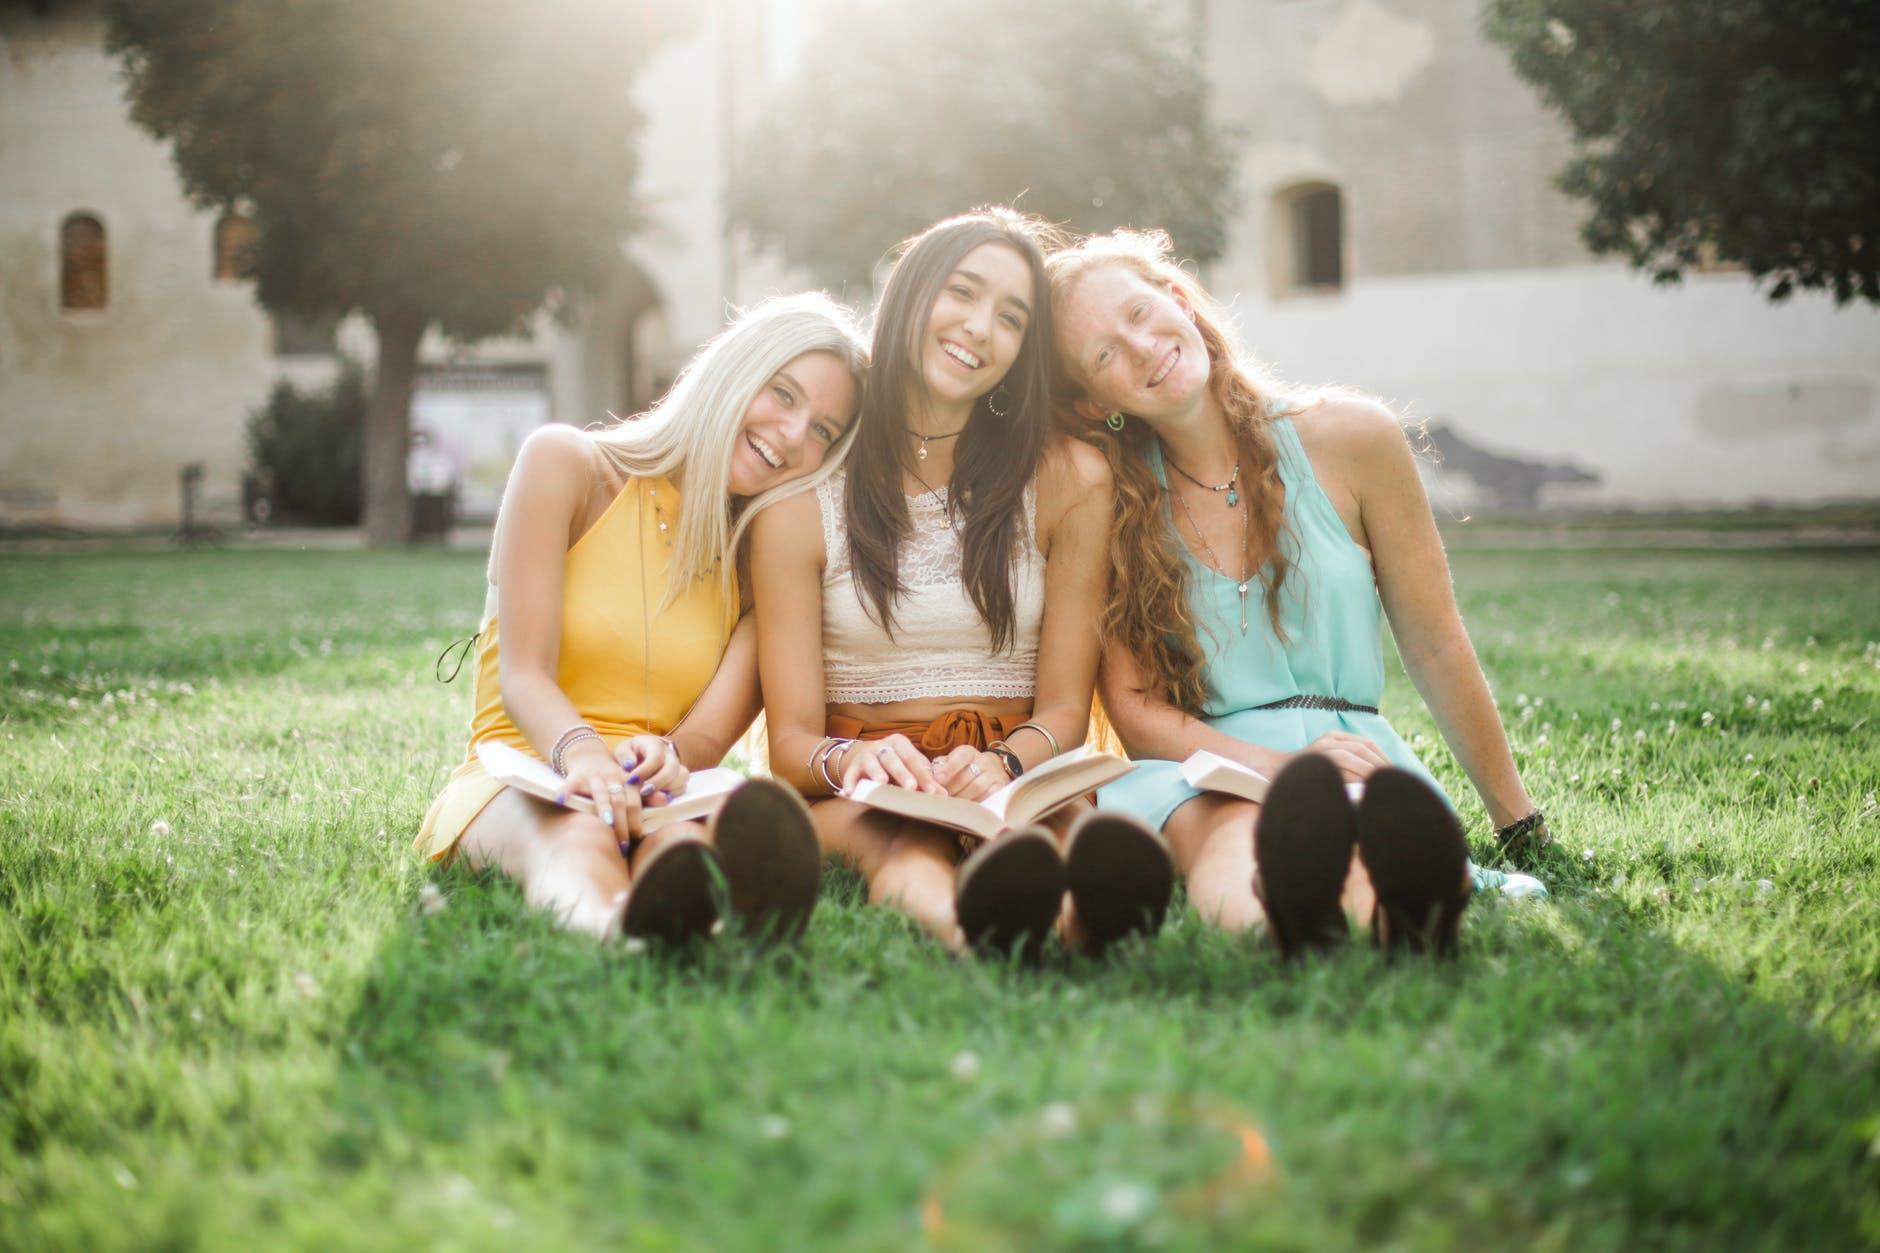 tre amiche sono sedute su un prato con la testa poggiata l'una sulla spalla della l'altra.